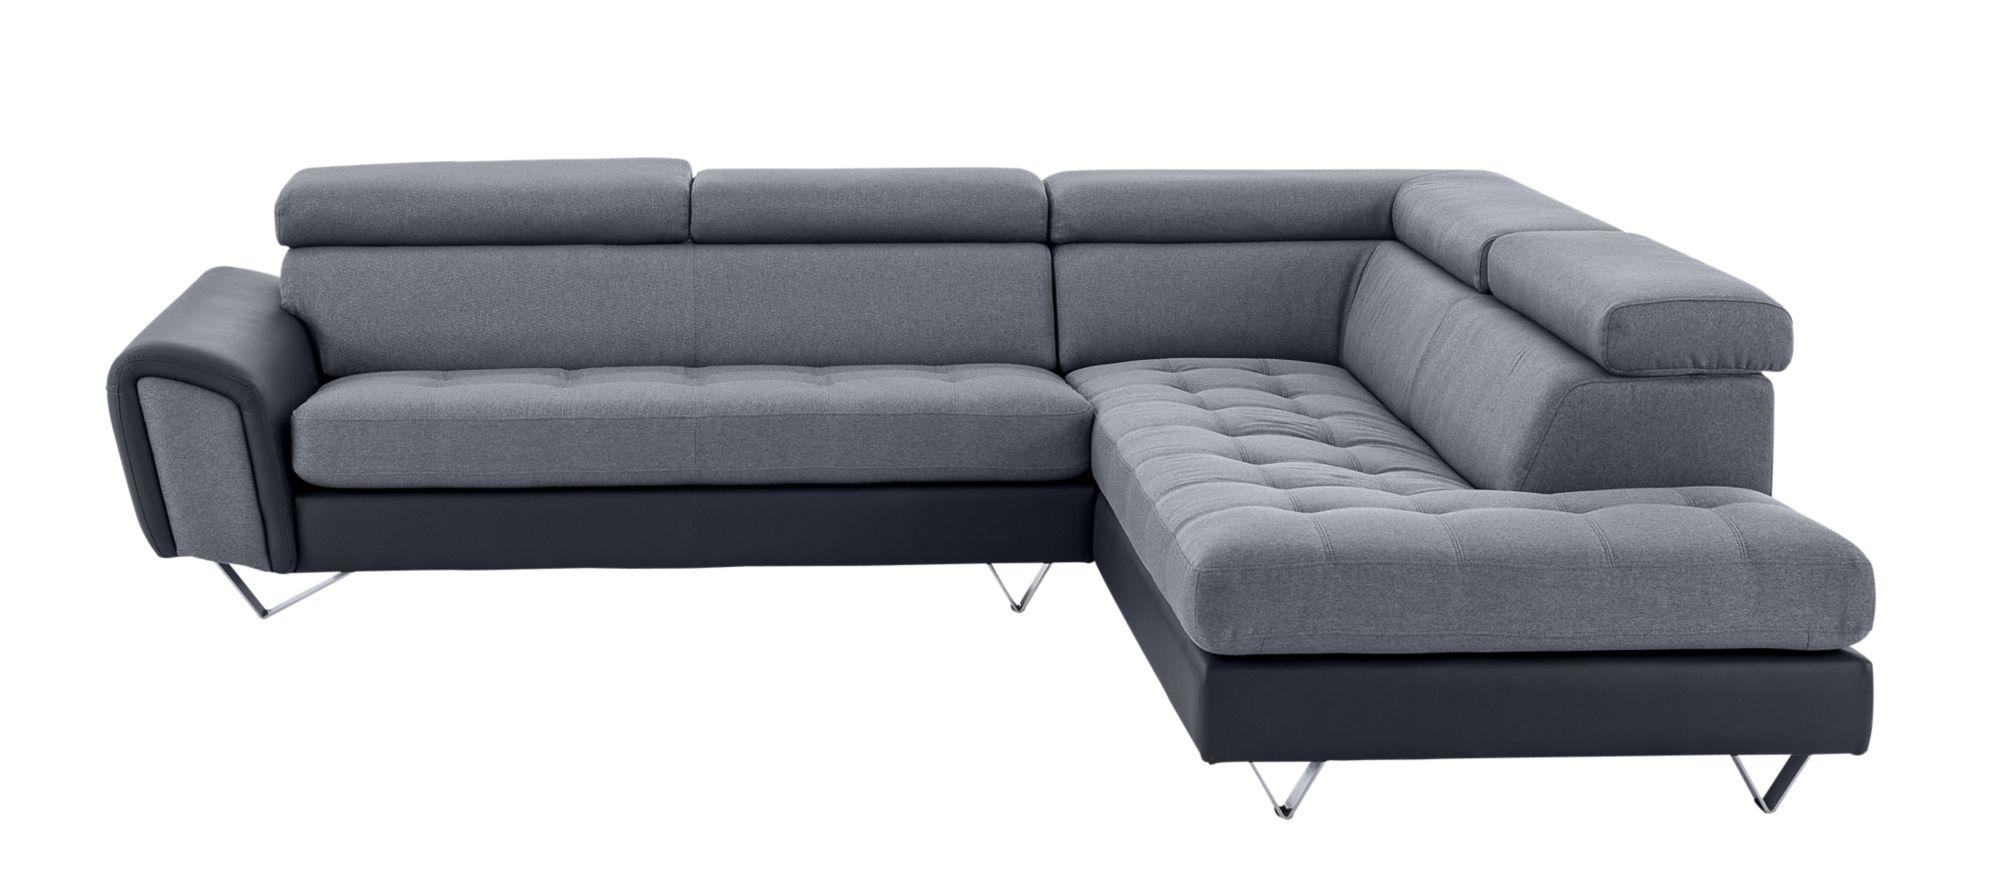 Canapé d angle Design Achat Canapés d angle pas cher